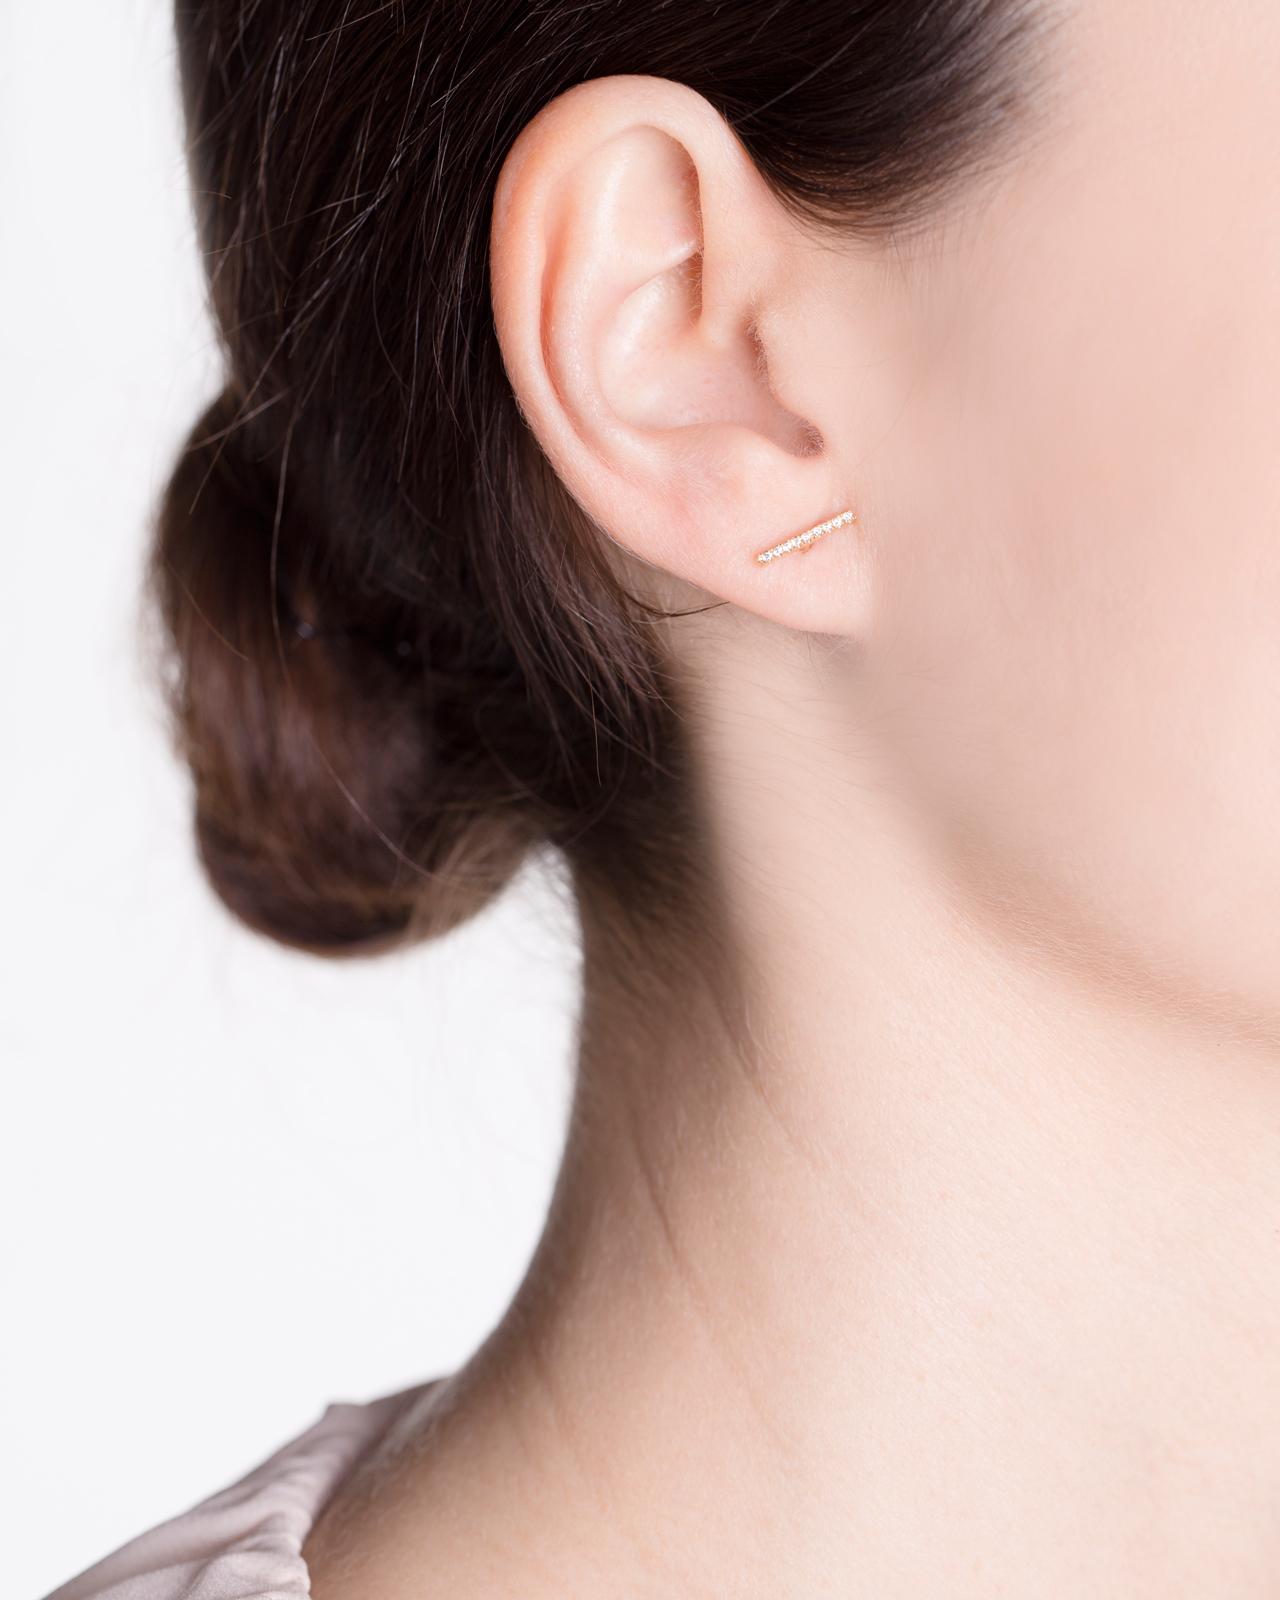 Melania Jewelry | Ileana Makri | Ginger Snaps Jewelry